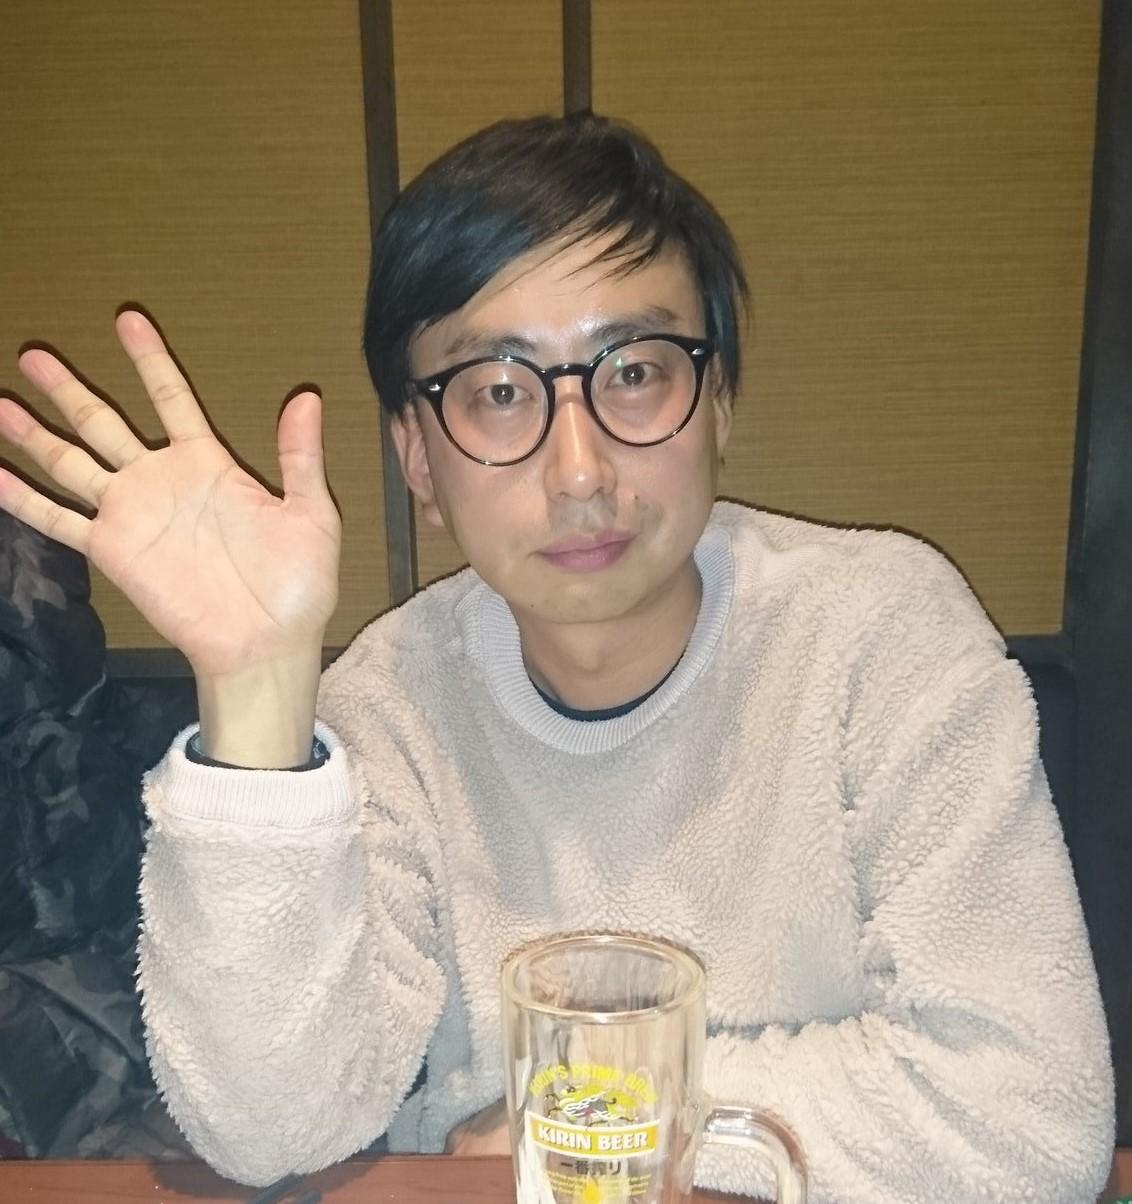 おいでやす小田の嫁と結婚